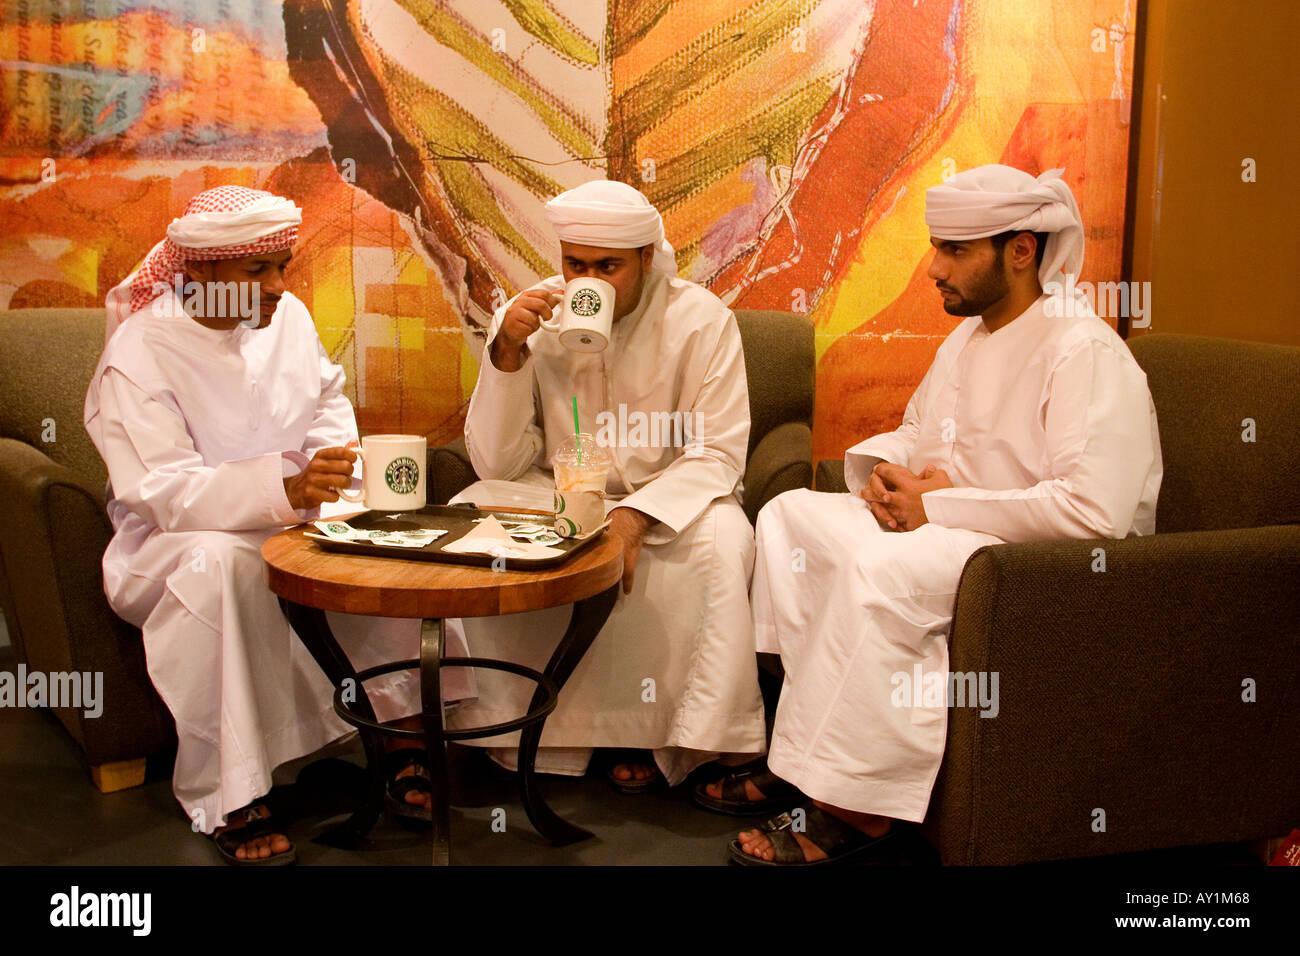 Les jeunes hommes arabes avec un costume traditionnel assis à Starbucks café au centre commercial Deira City Centre Dubai Emirats Arabes Unis Photo Stock